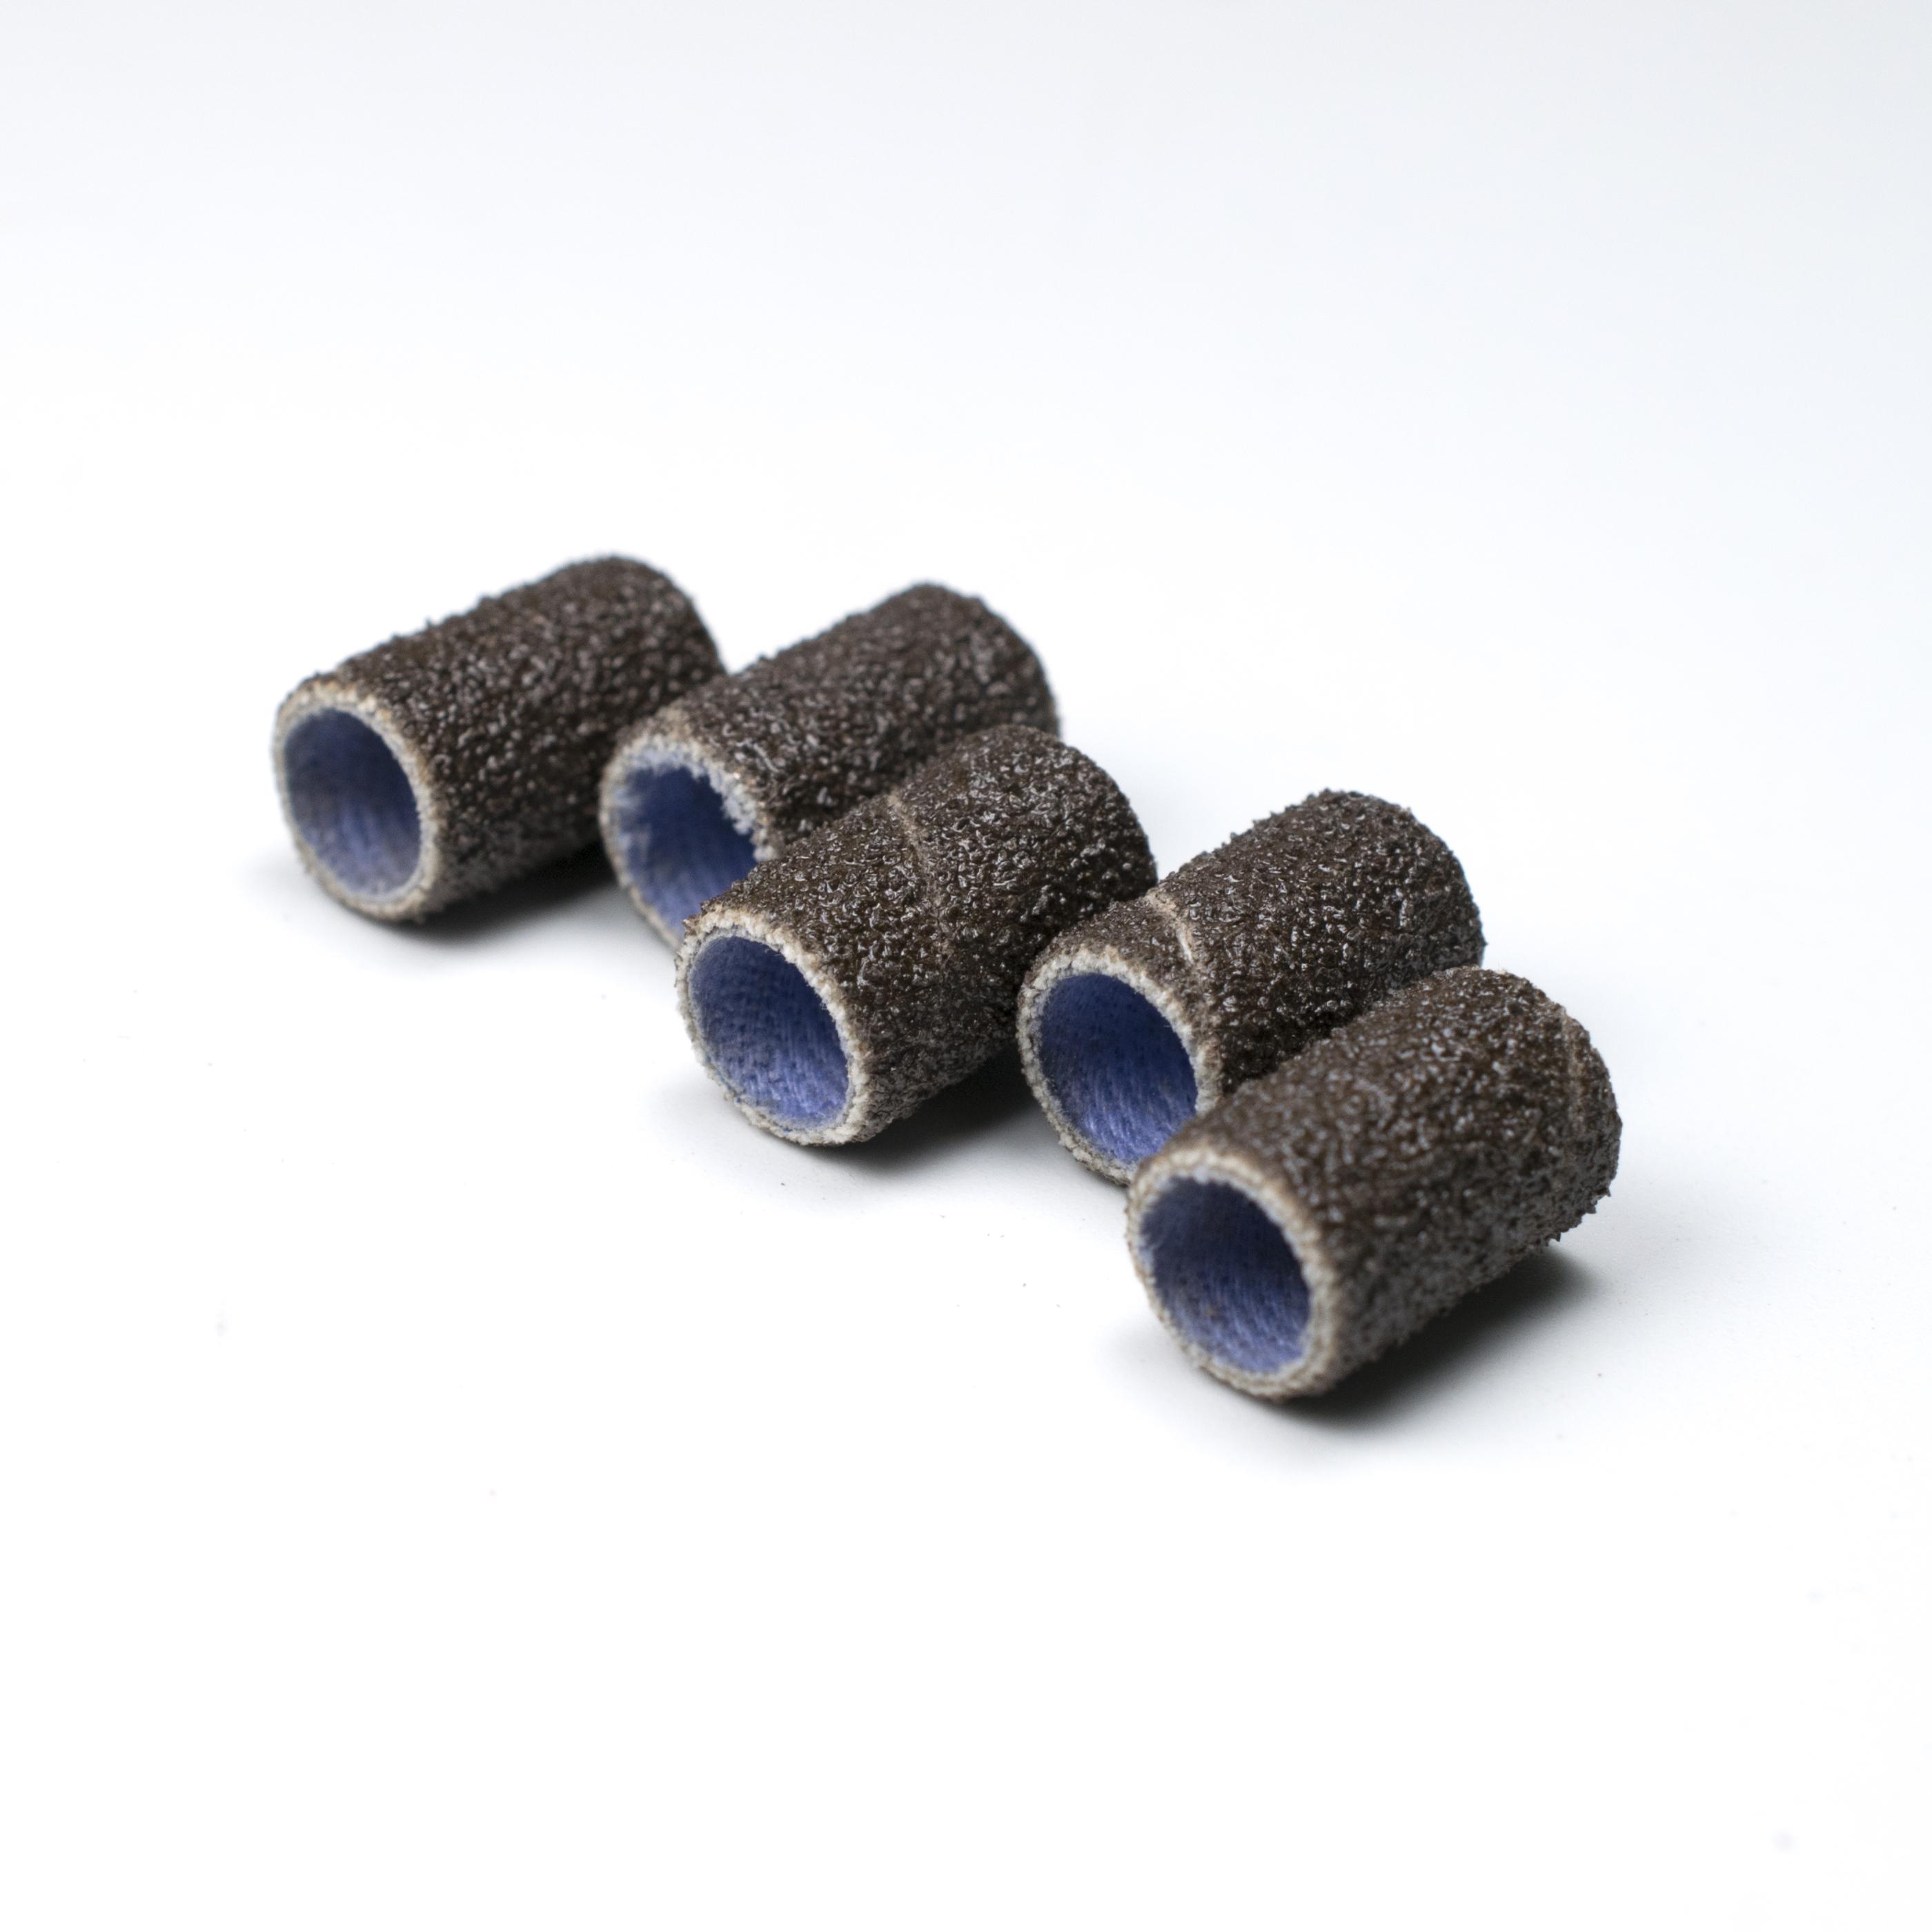 Шлифовальная лента Chiyan для профессионального маникюра, сверла для удаления лака для ногтей, оптовая продажа с фабрики, экспорт